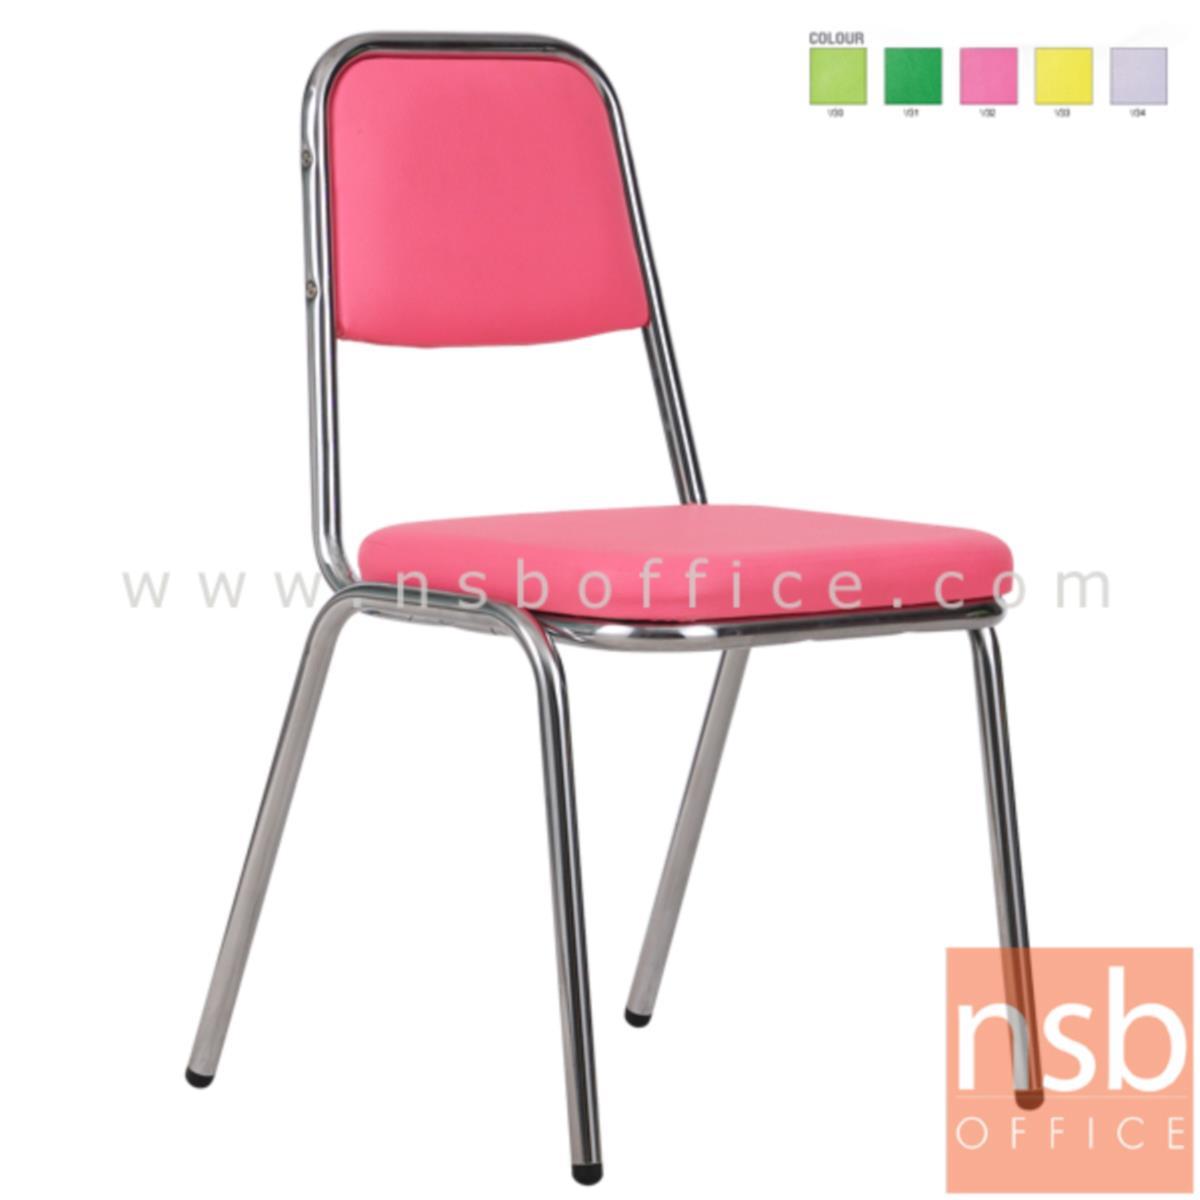 B05A078:เก้าอี้อเนกประสงค์จัดเลี้ยง รุ่น TY-701CC  ขาเหล็กชุบโครเมี่ยม